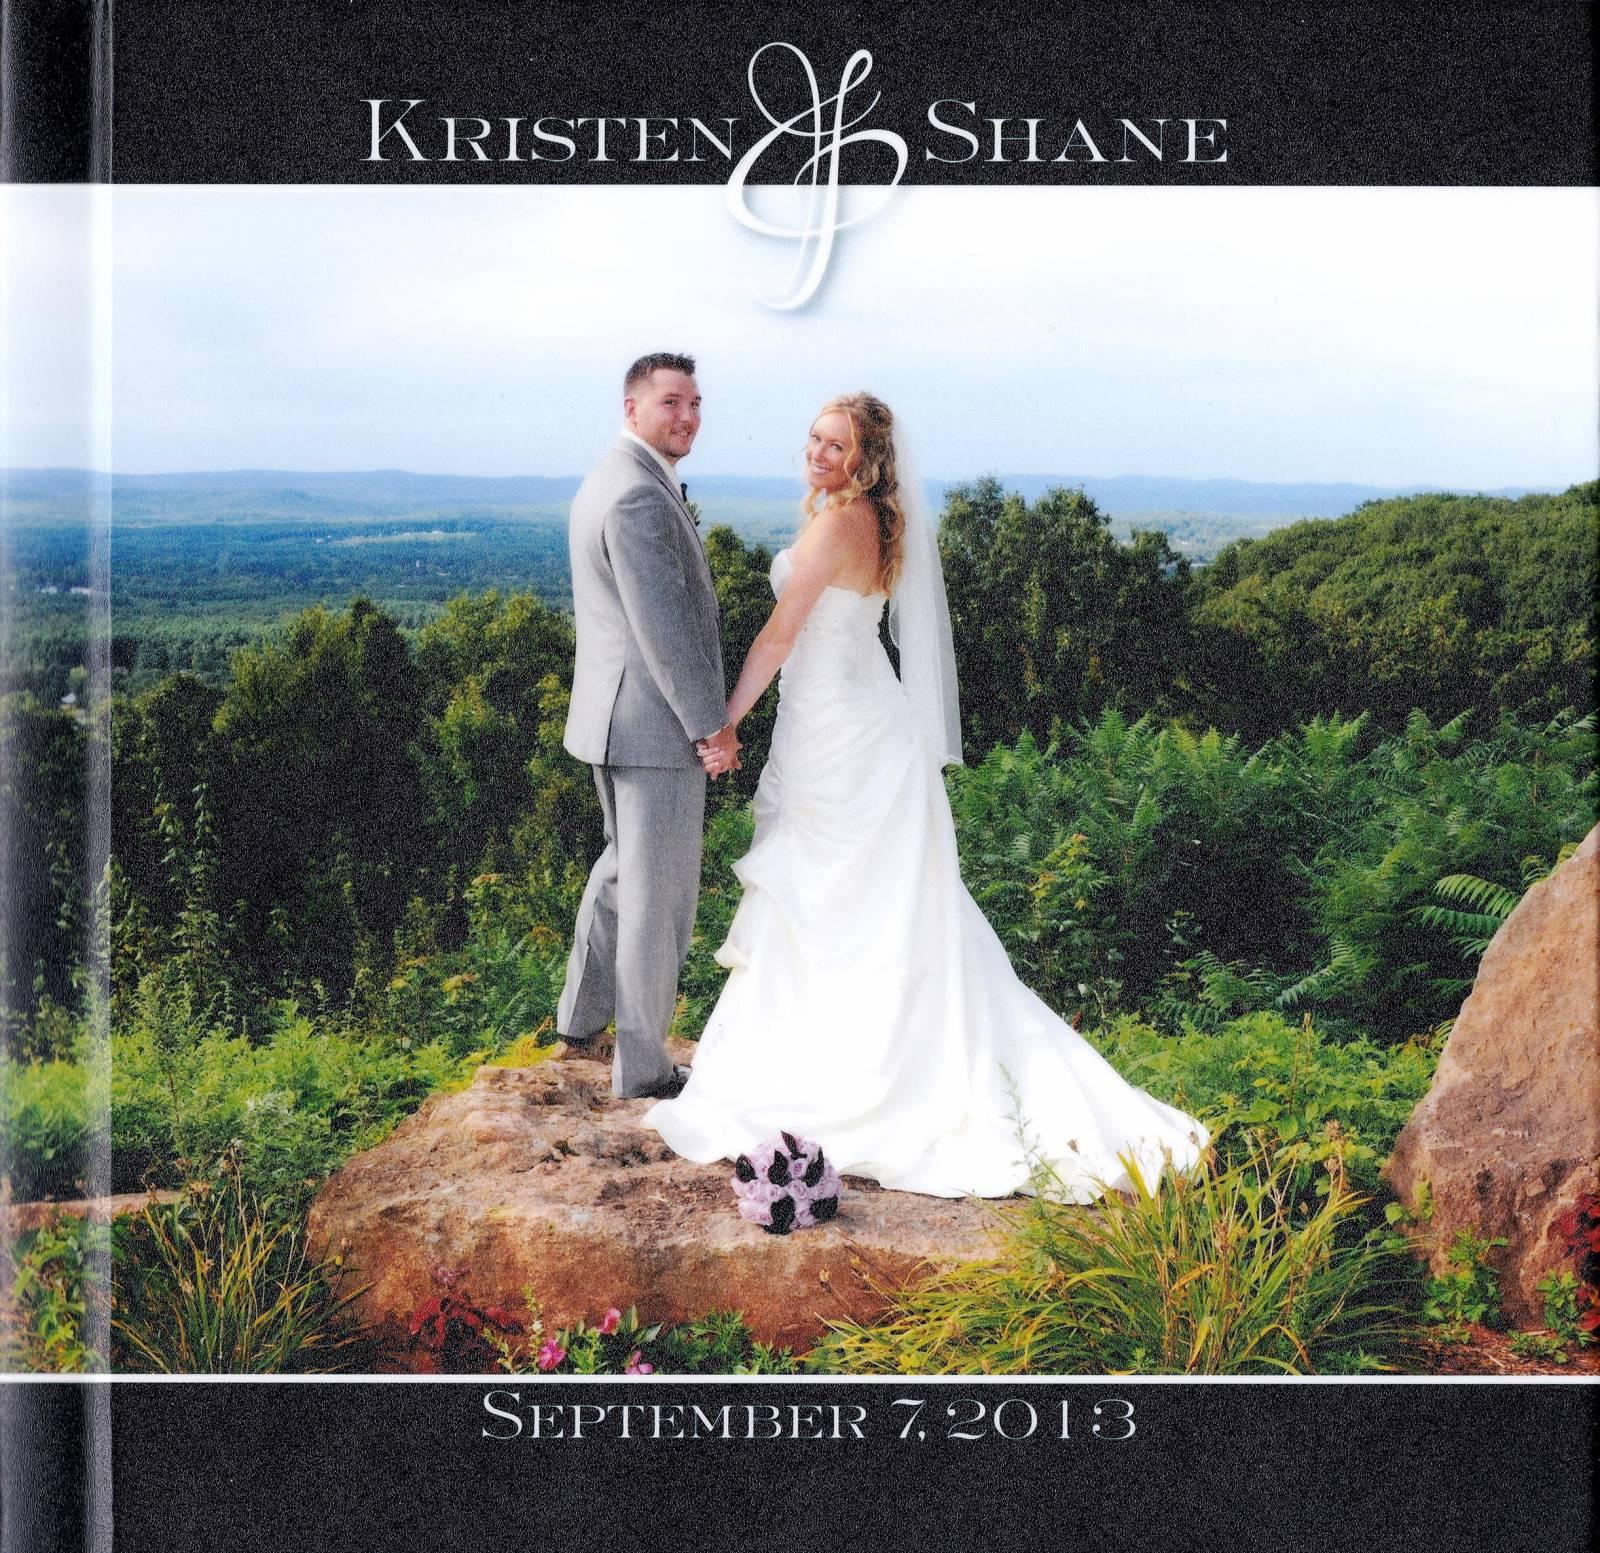 Kristen & Shane